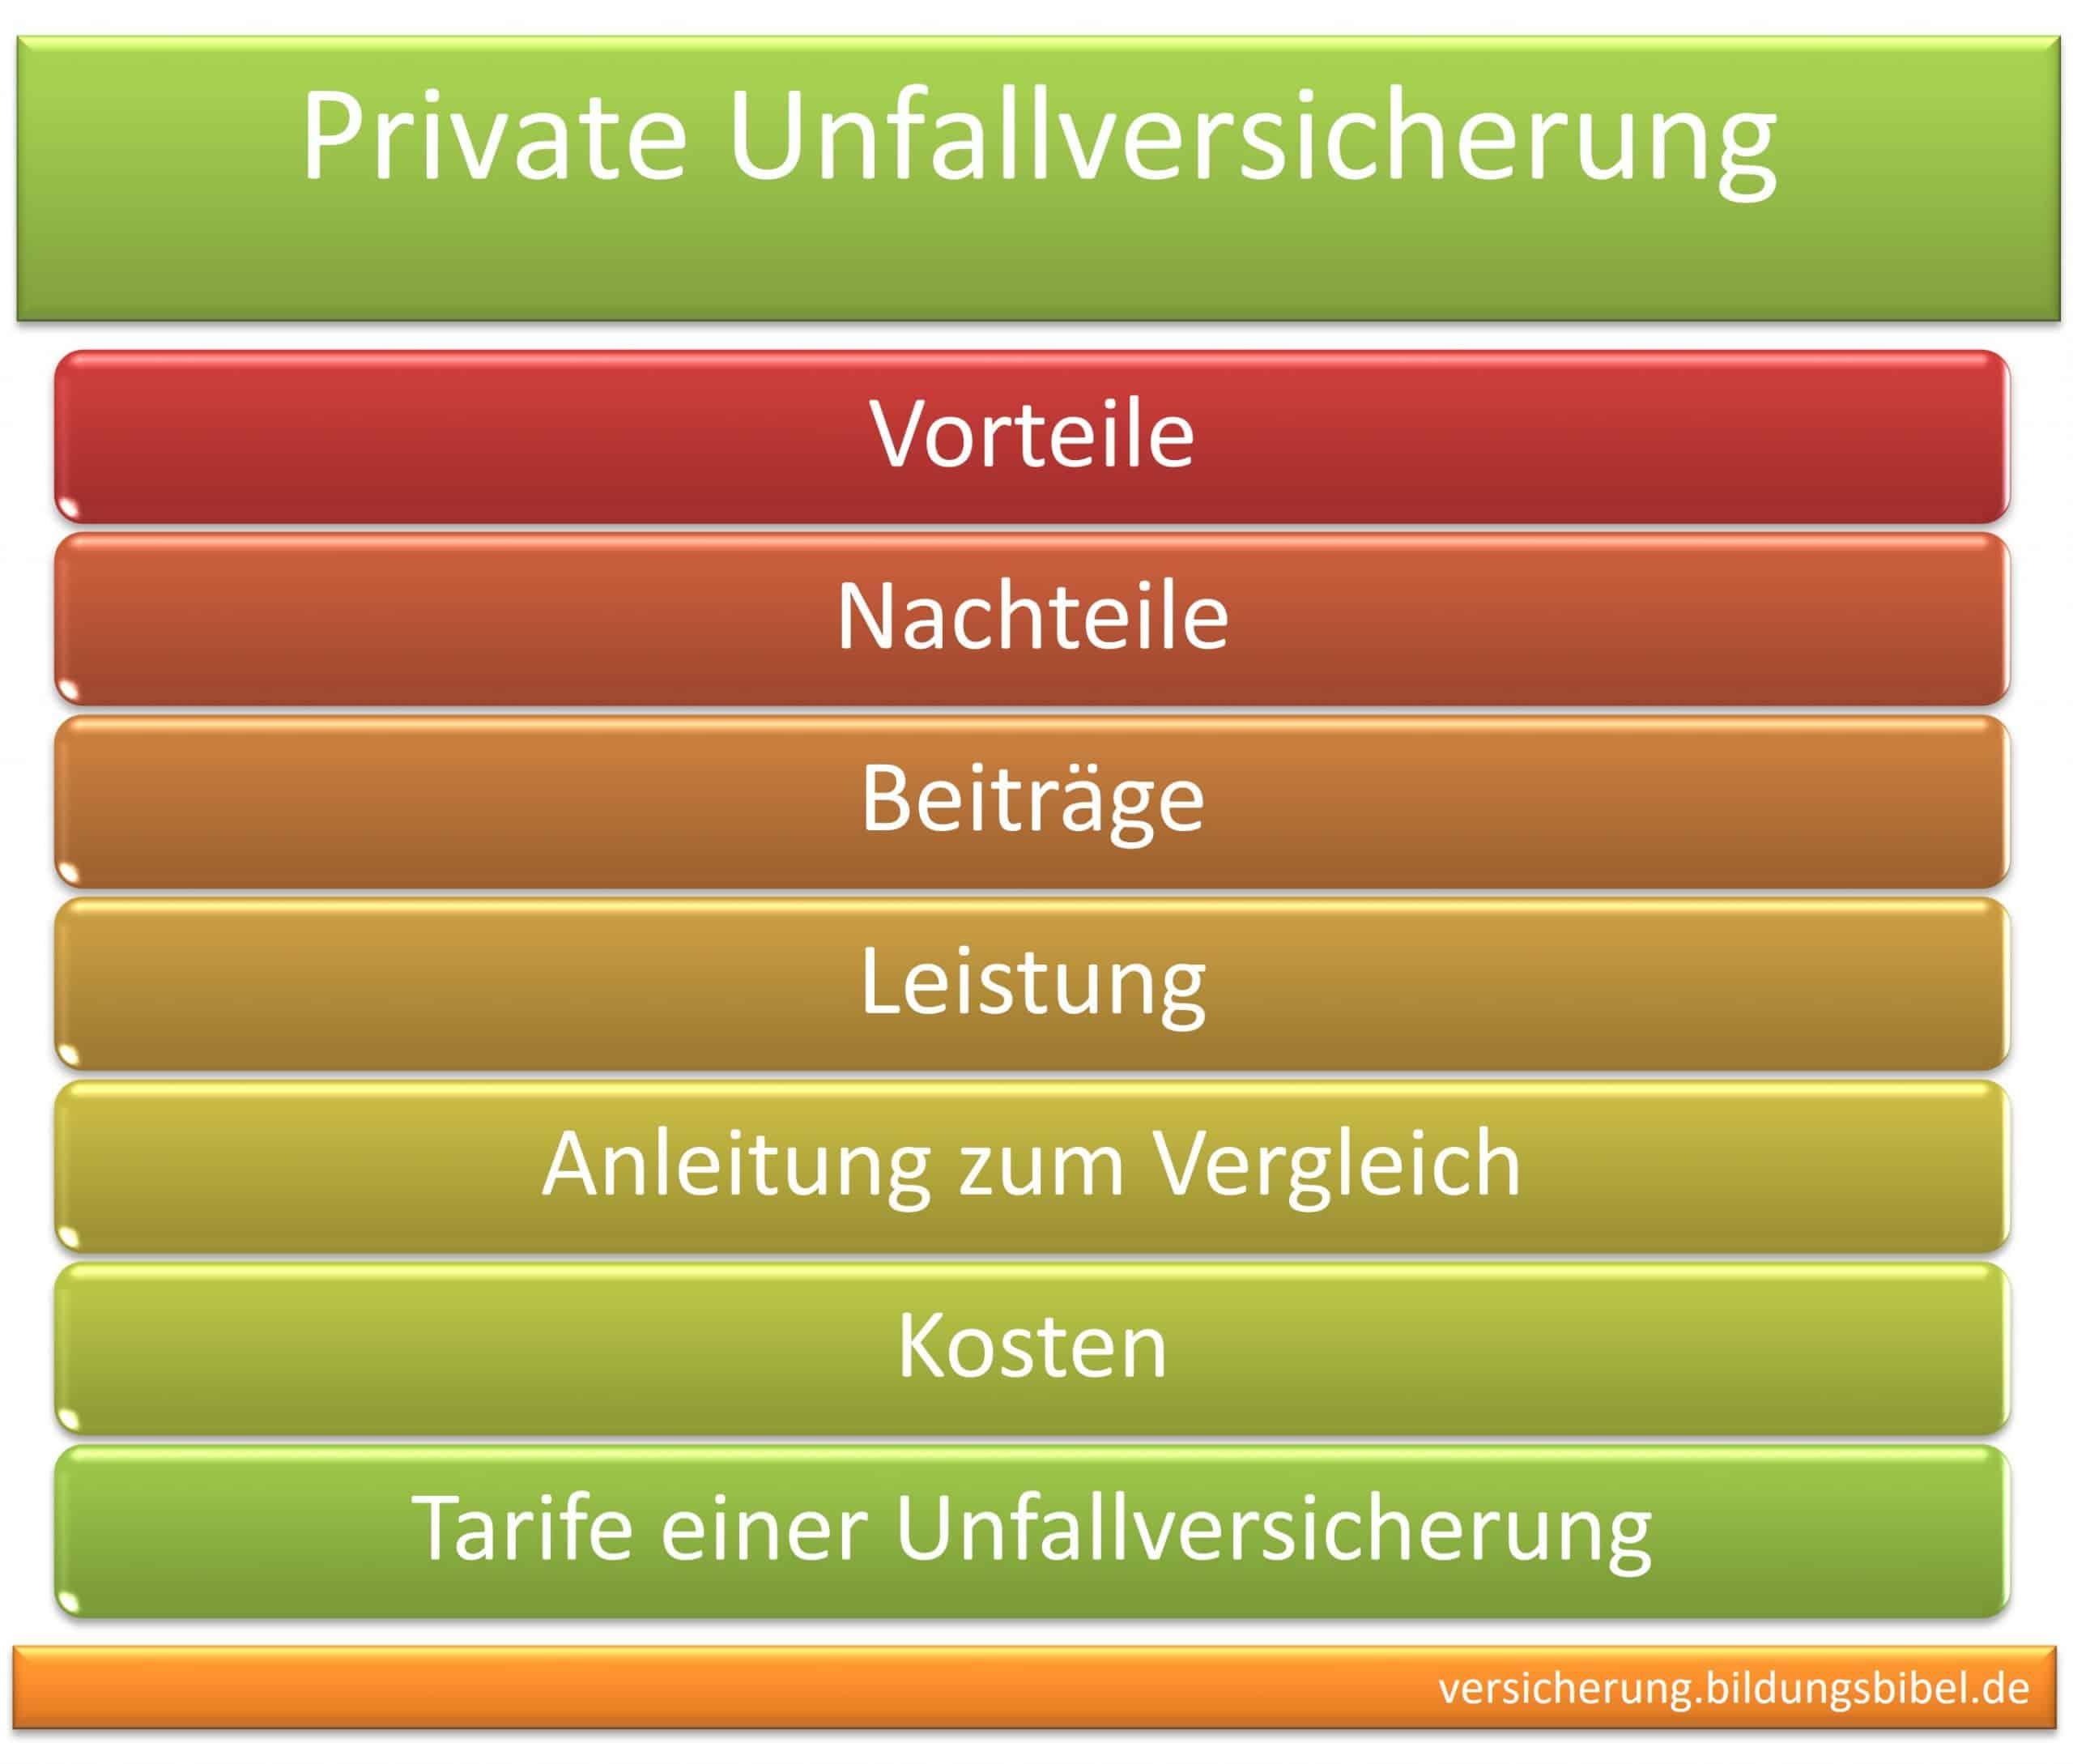 Private Unfallversicherung, Vorteile und Nachteile, Beiträge, Leistung, Anleitung zum Vergleich, Kosten und Tarife einer Unfallversicherung.